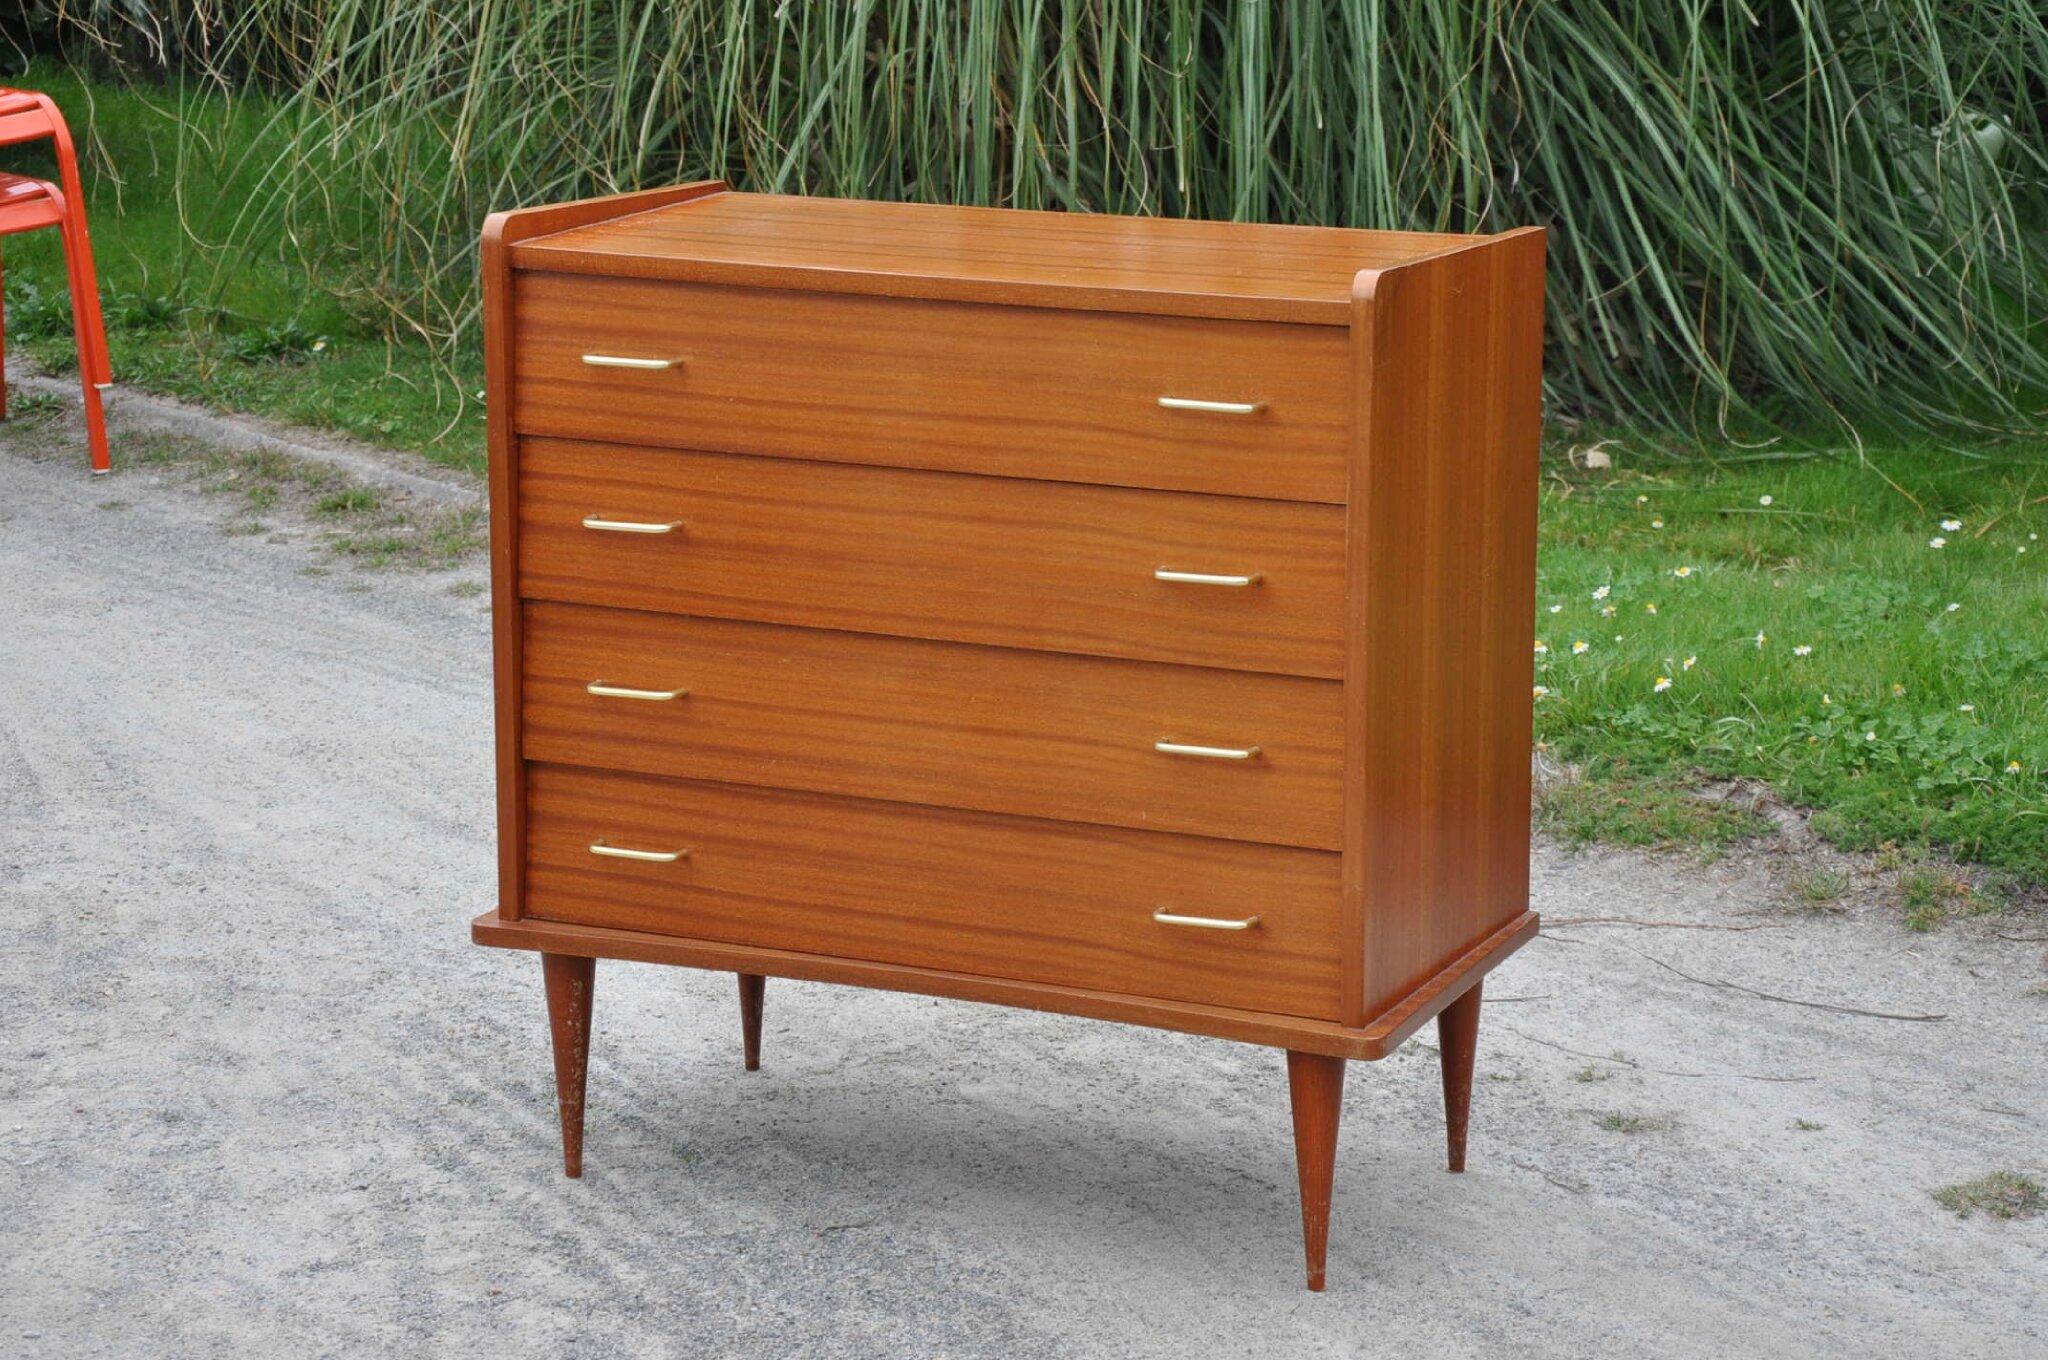 commode annees 50 acajou article vendu antiquit s du vingti me. Black Bedroom Furniture Sets. Home Design Ideas